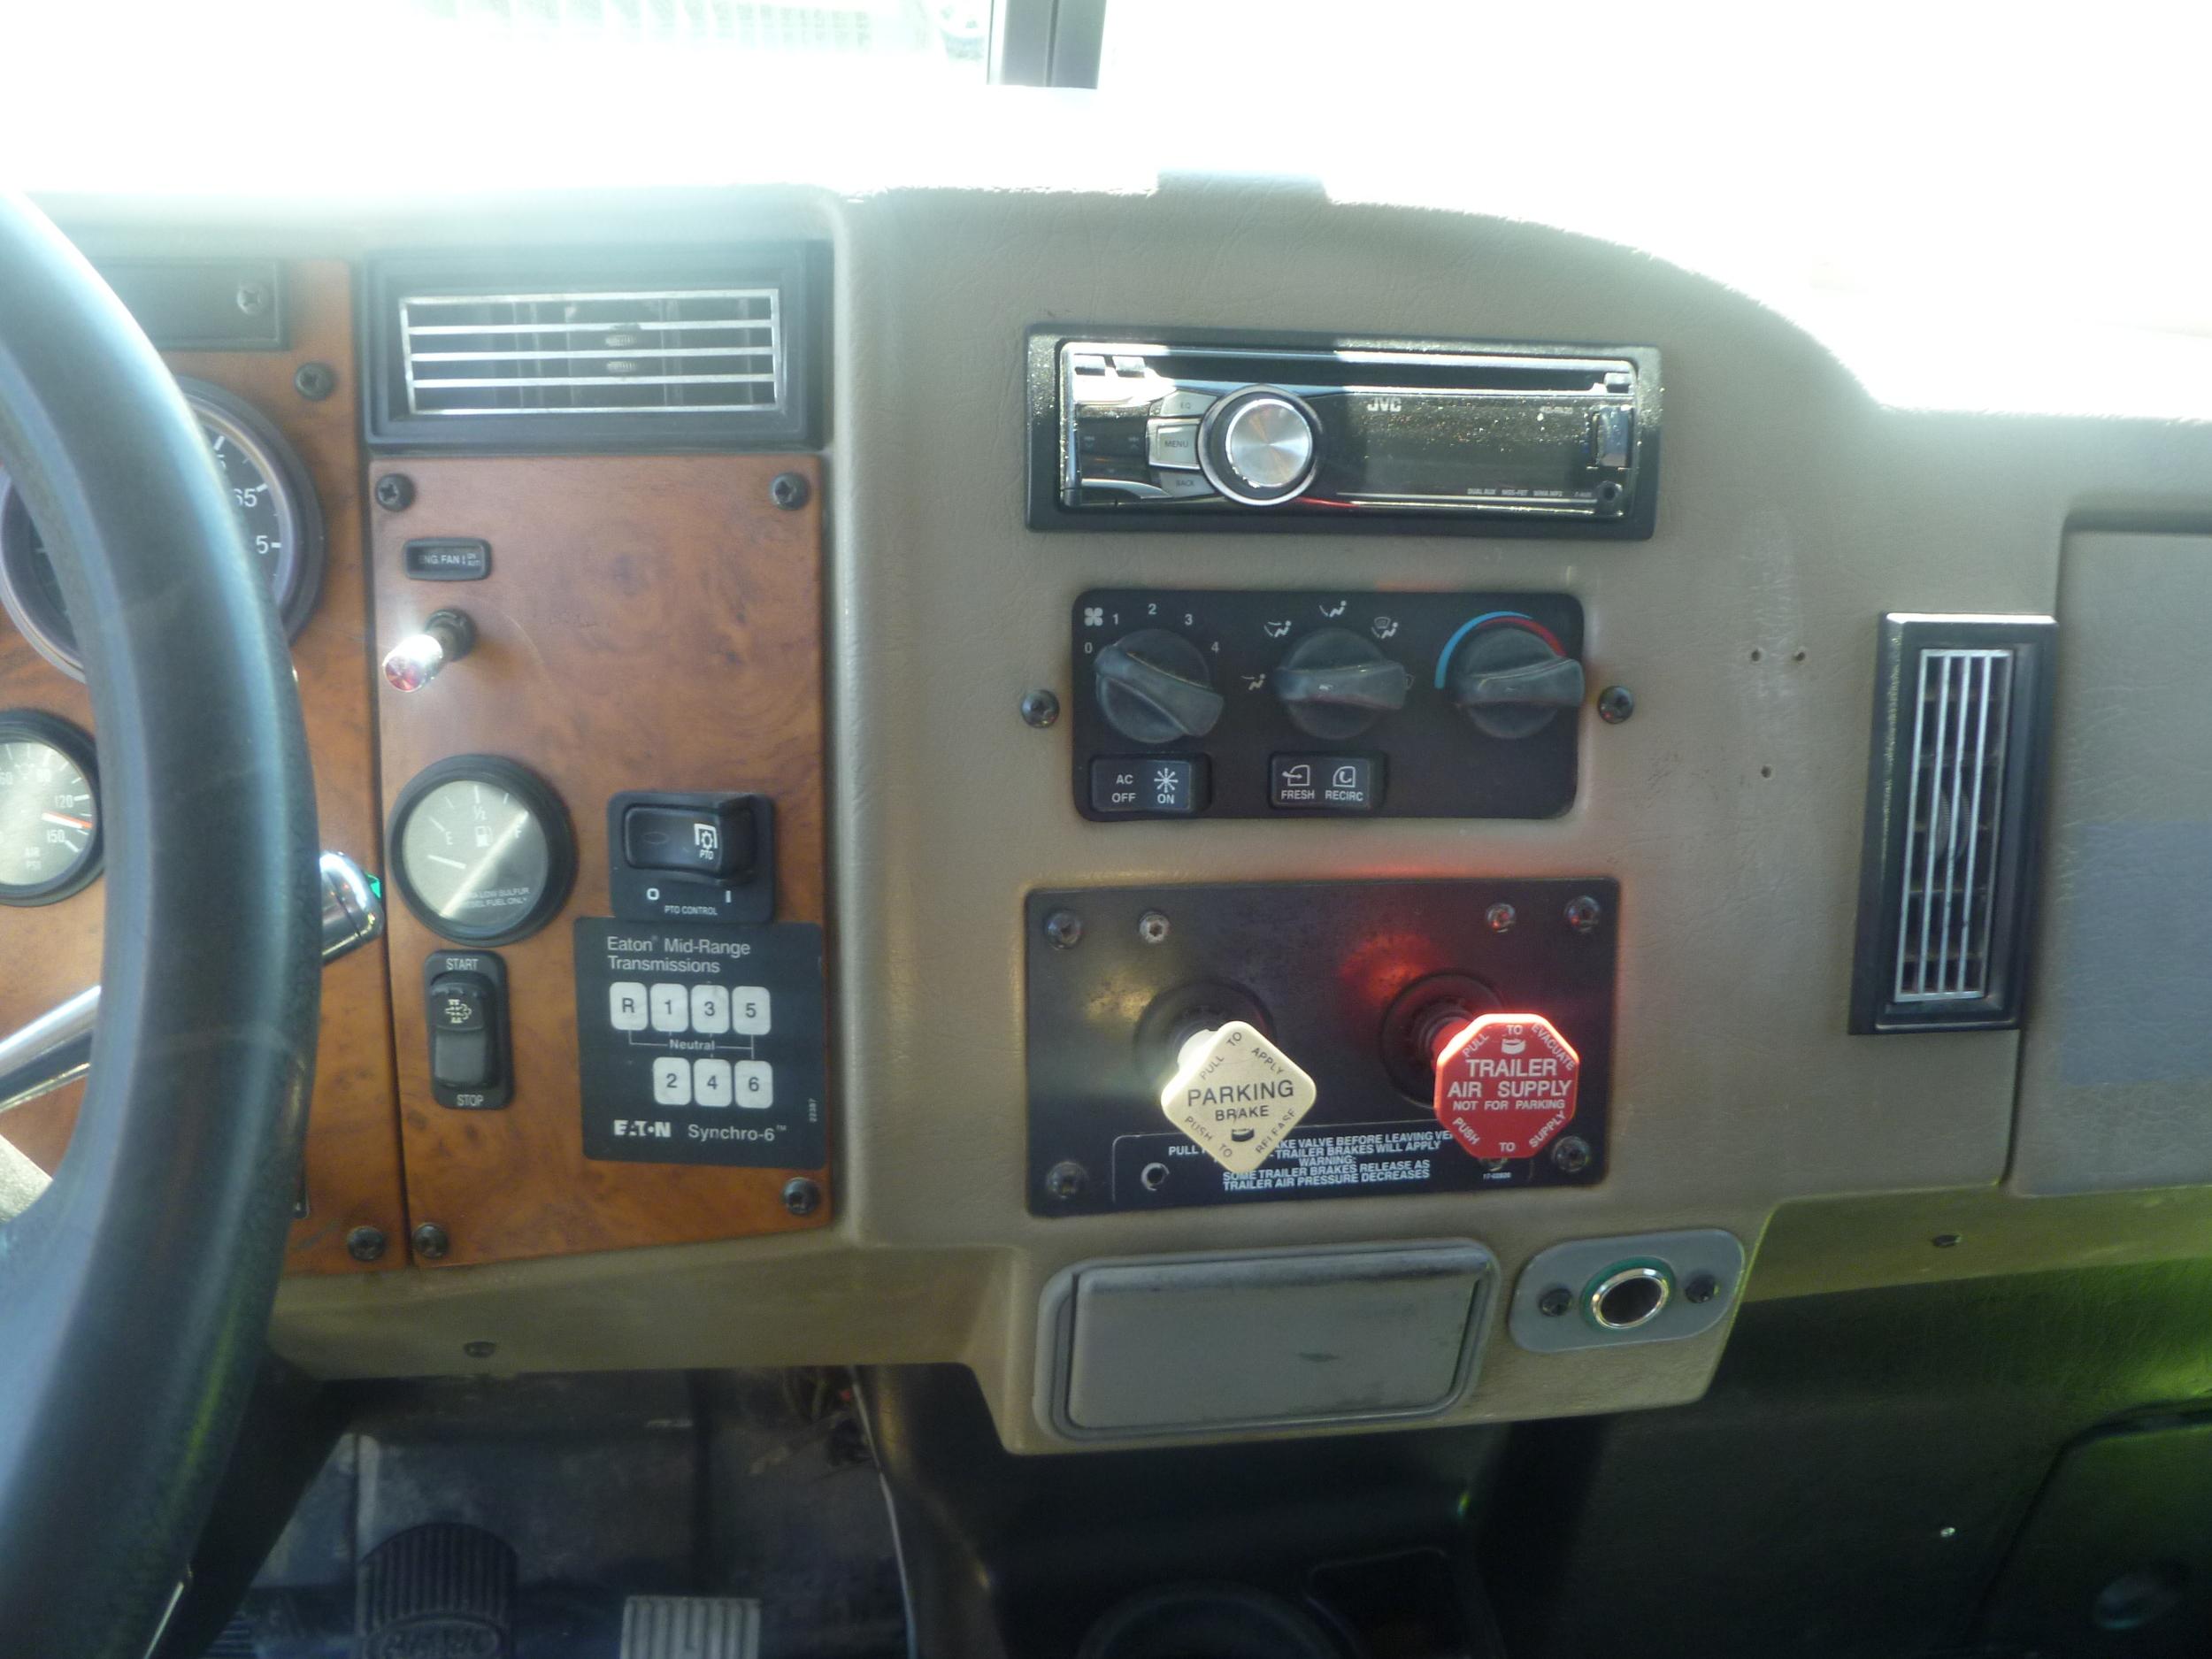 2009 Peterbilt service truck_06.JPG